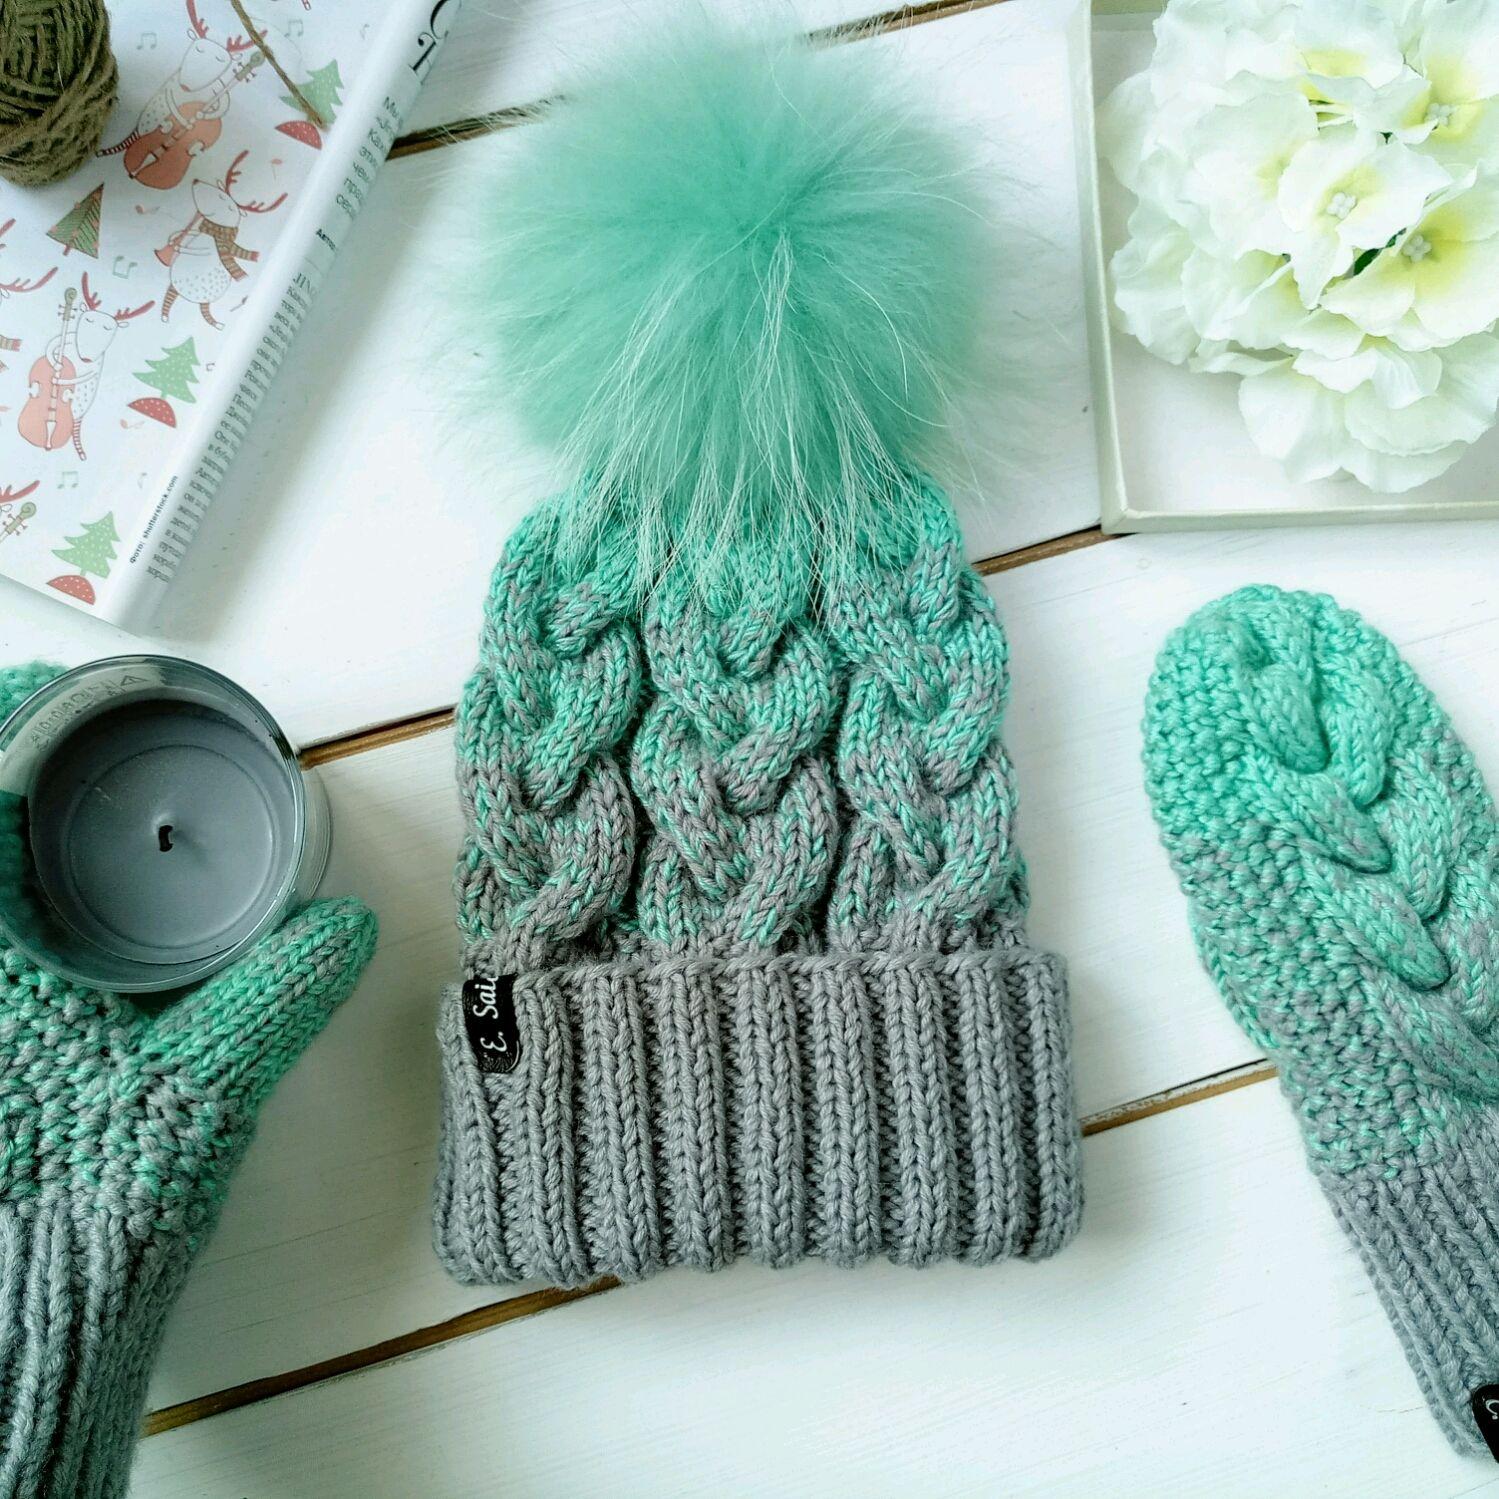 вязаная шапка зимняя градиент из серого в мятный купить в